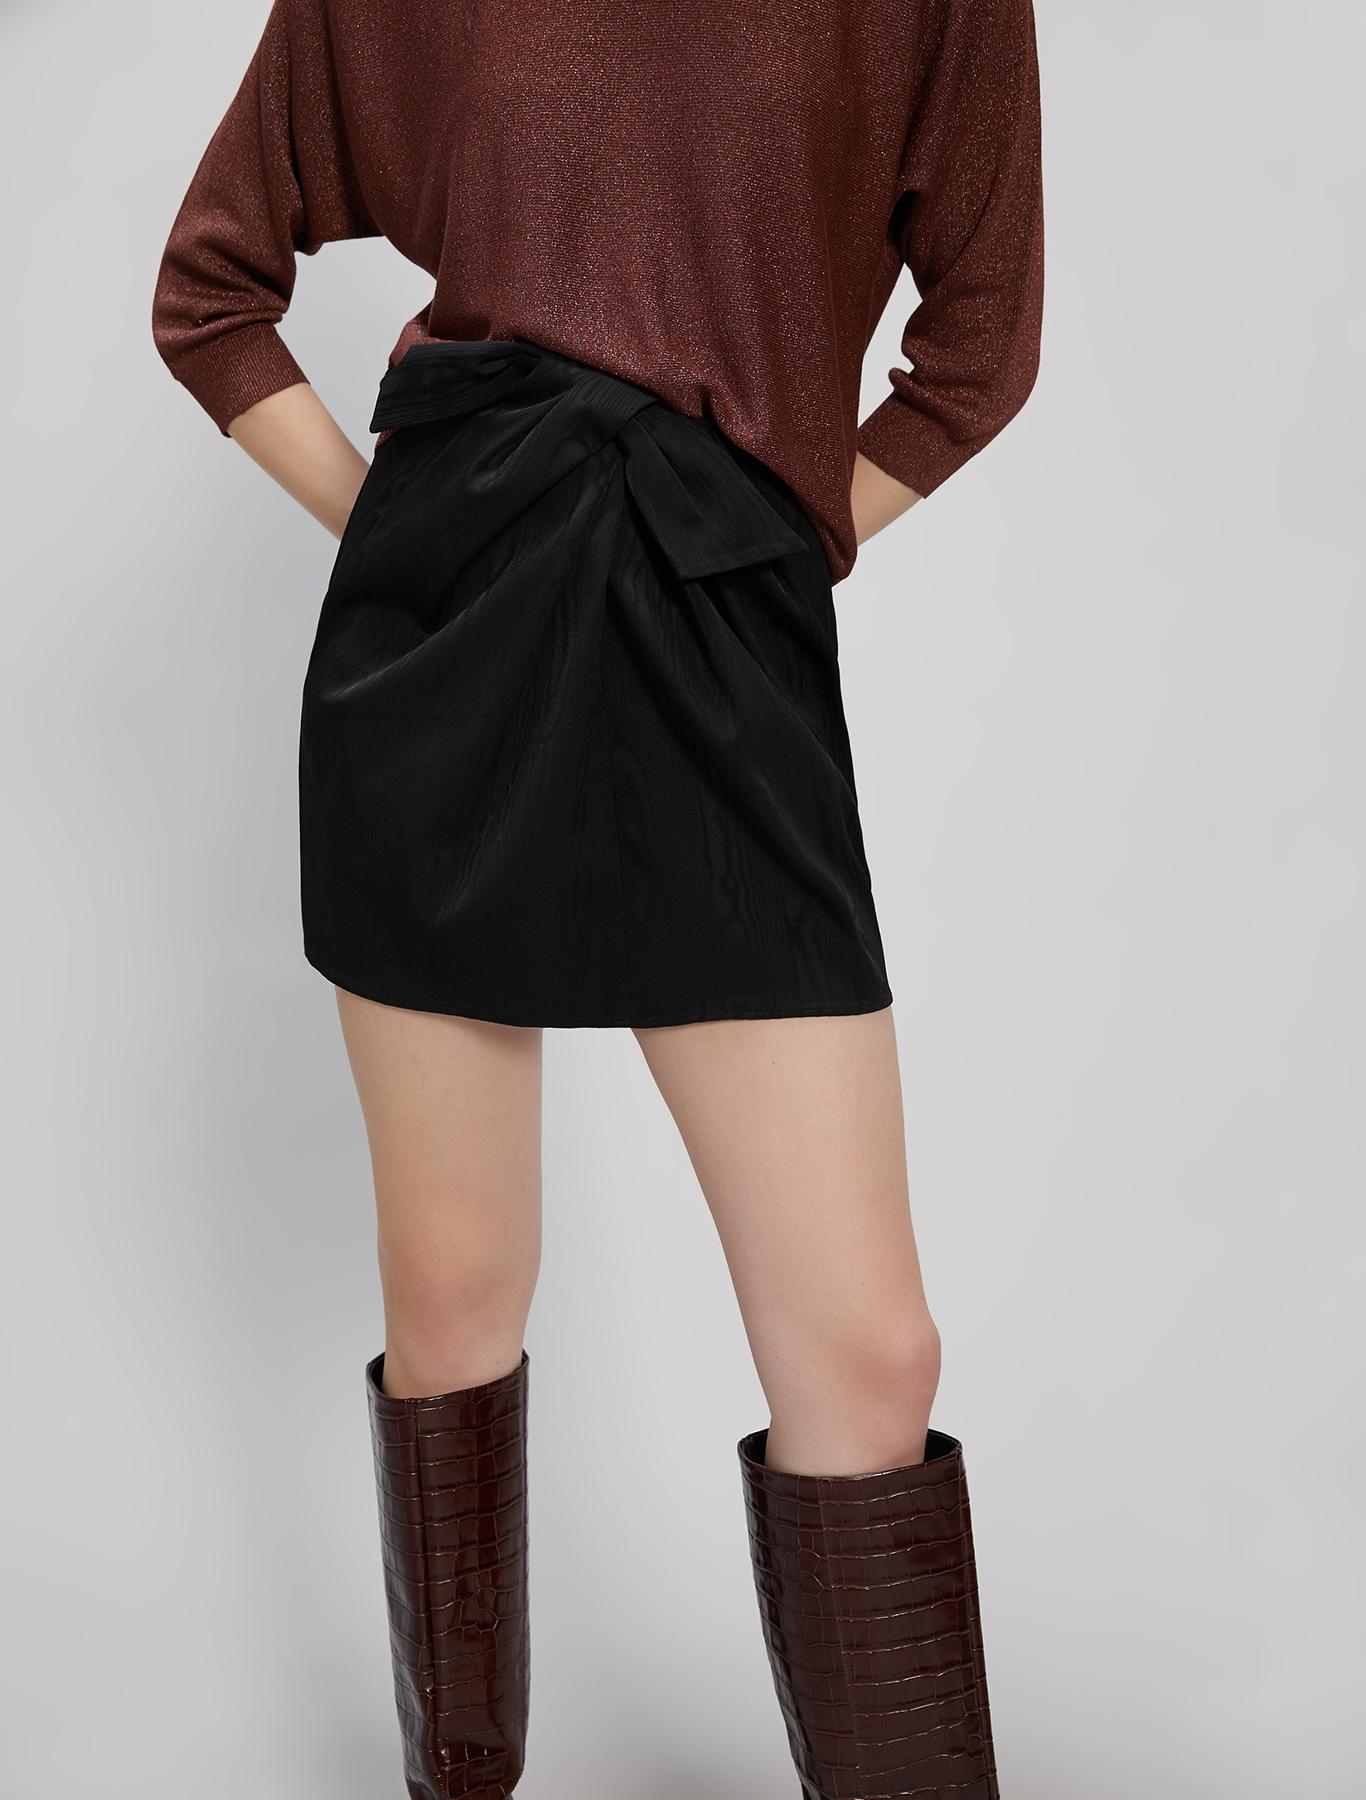 Moiré skirt - black - pennyblack